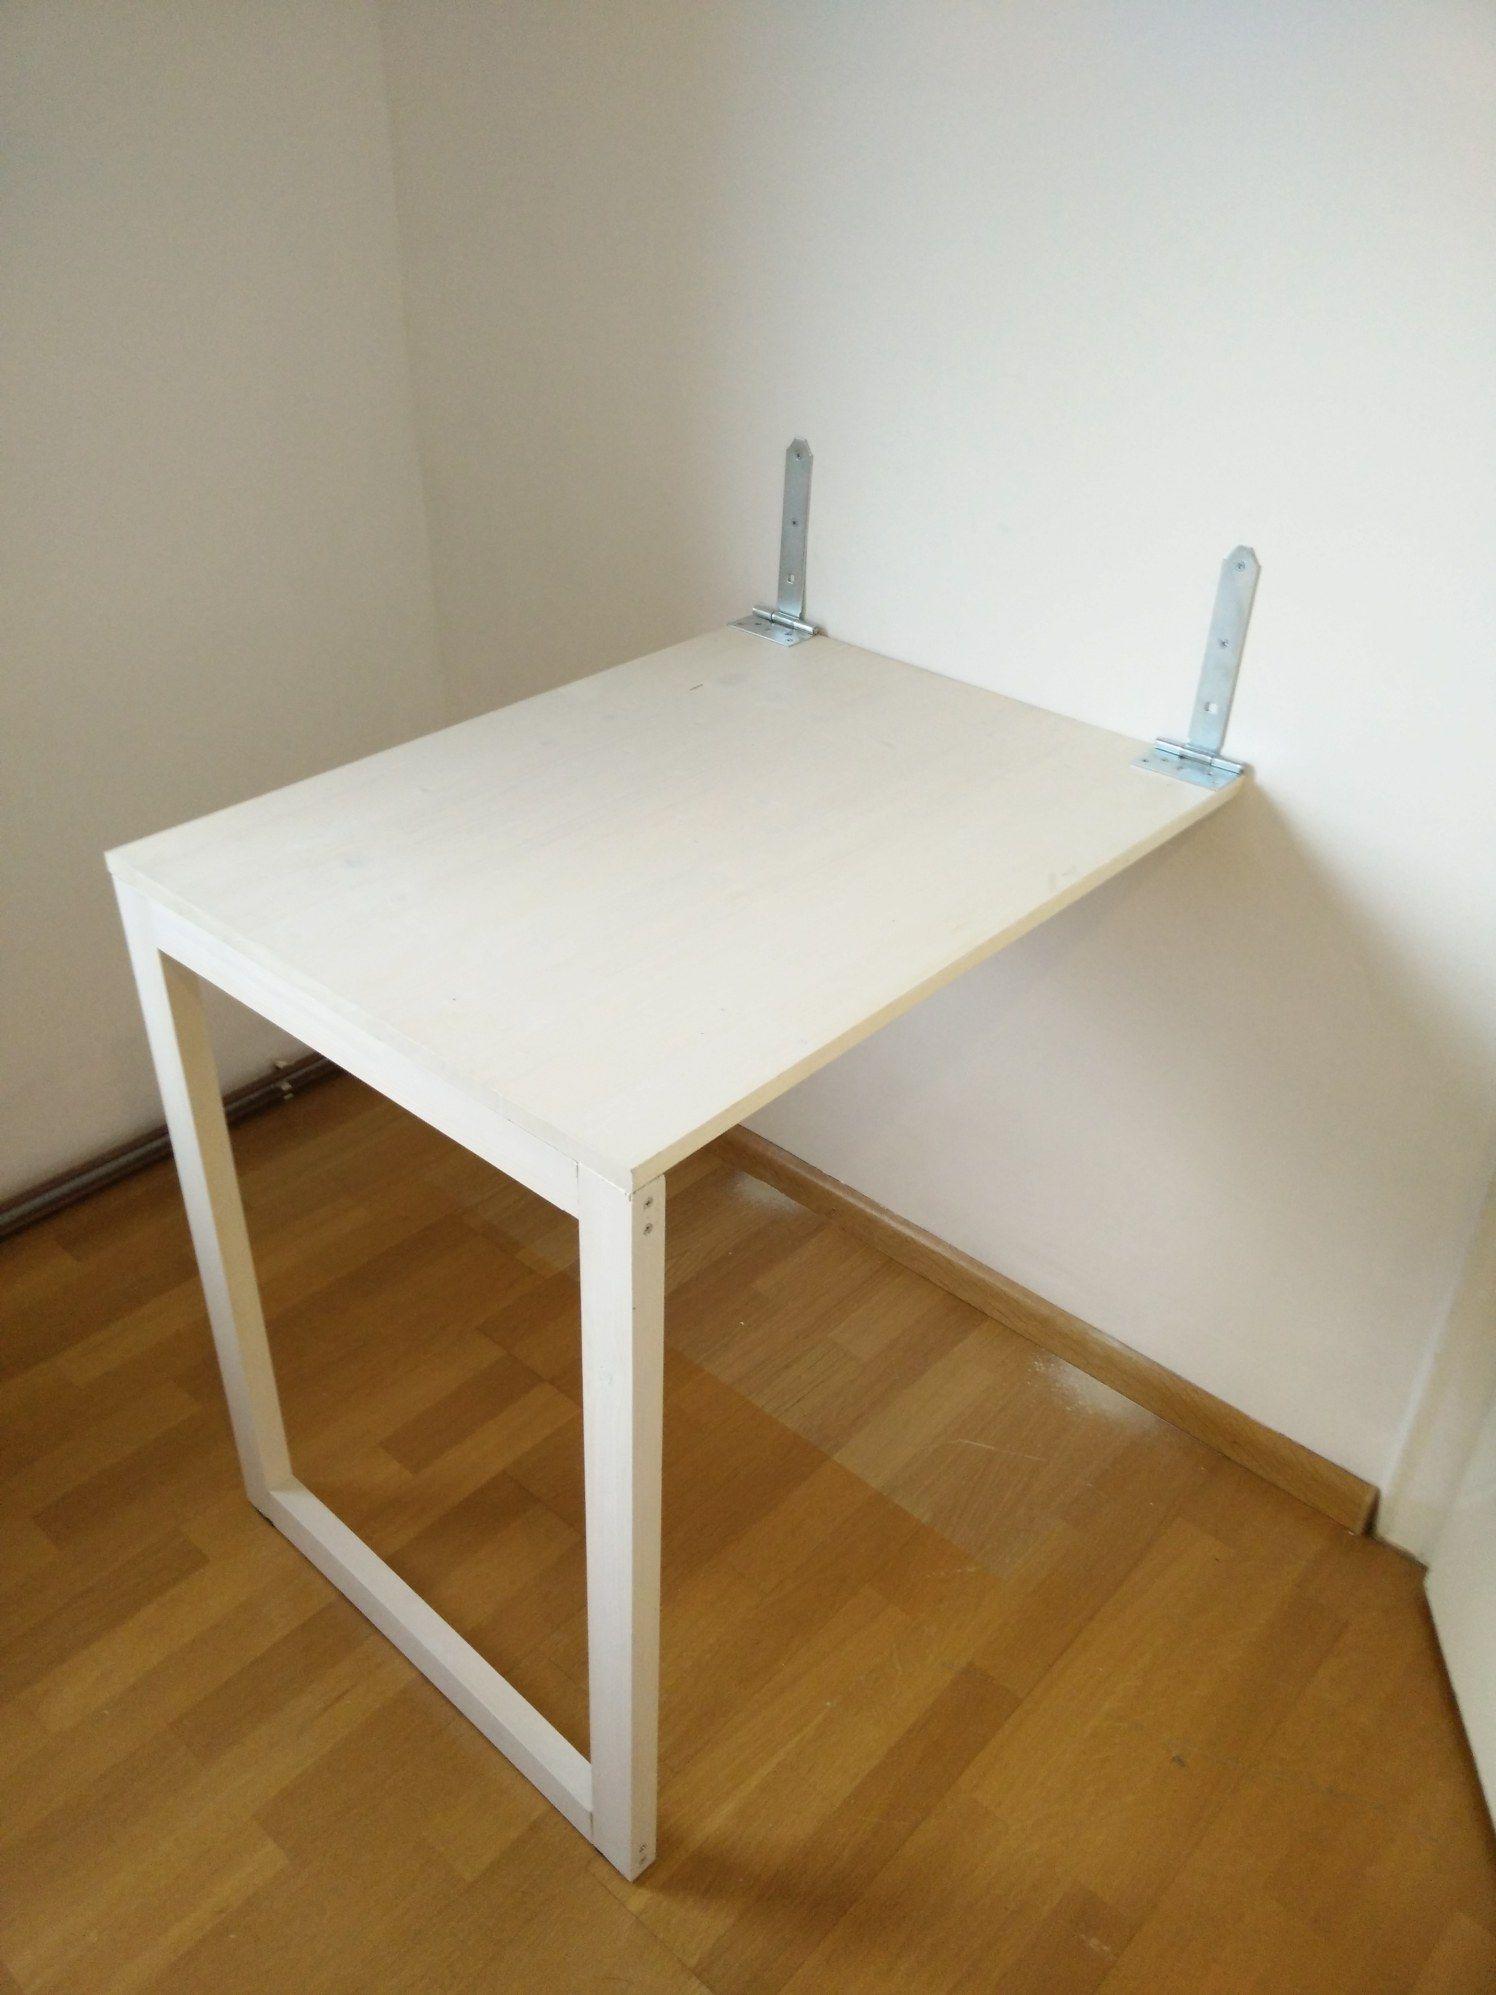 Full Size of Wandklapptisch Selber Bauen Tisch Diy Wooden Table Selbstgemachte Tische Einbauküche Fenster Rolladen Nachträglich Einbauen Boxspring Bett Velux 180x200 Wohnzimmer Wandklapptisch Selber Bauen